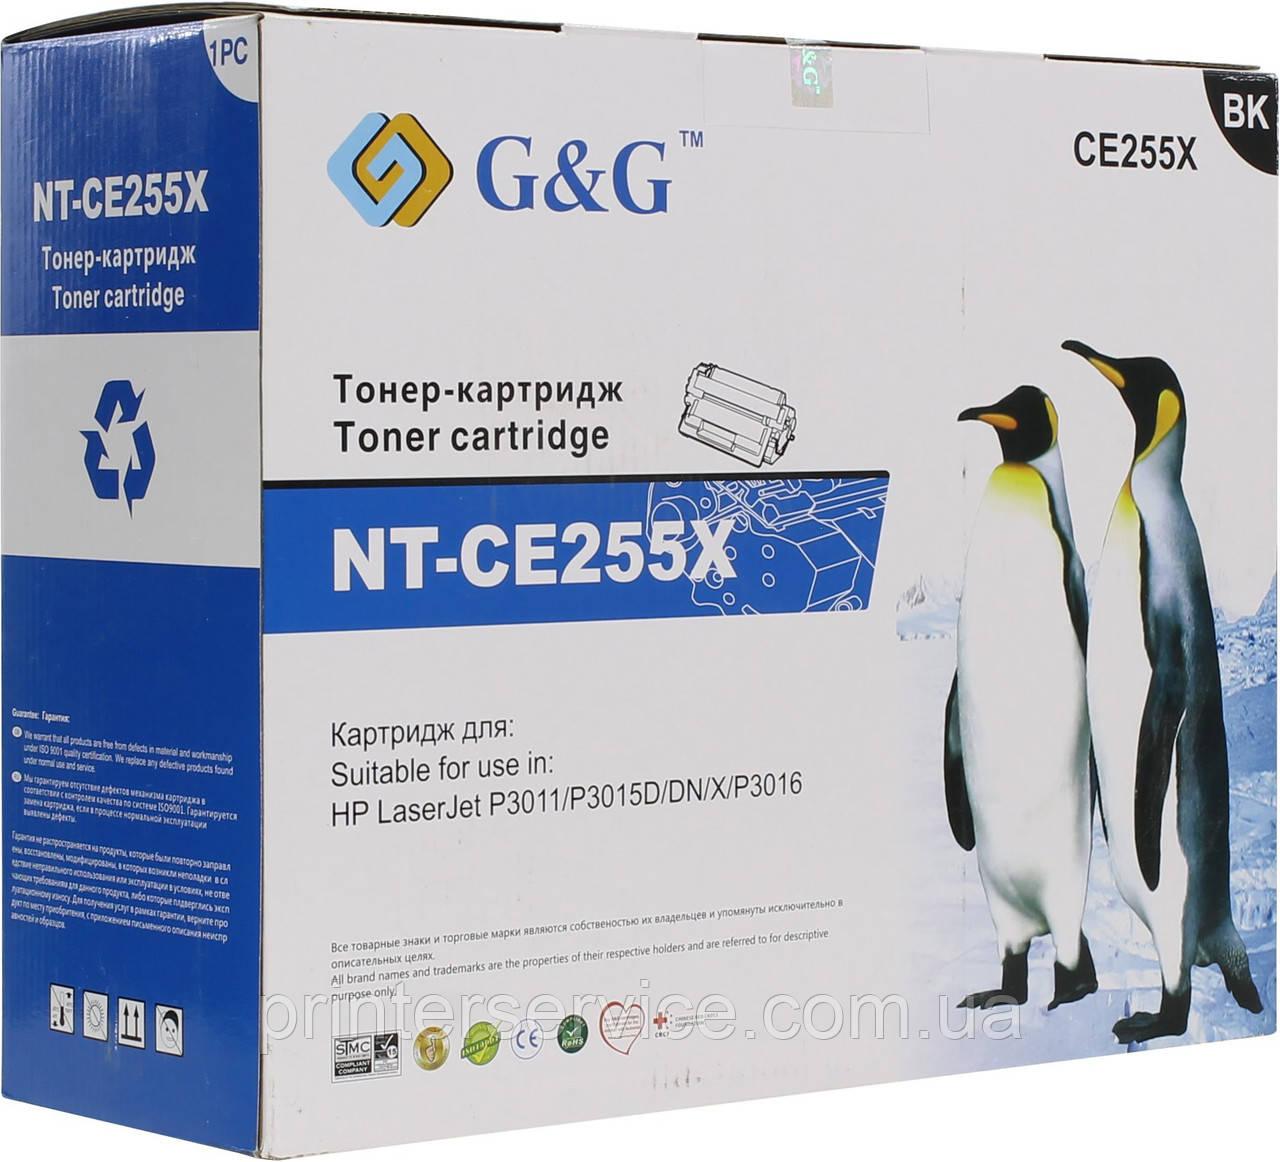 Картридж CE255X совместимый (аналог) для HP LJ P3011/ P3015/ P3016 series, G&G-CE255X max Black